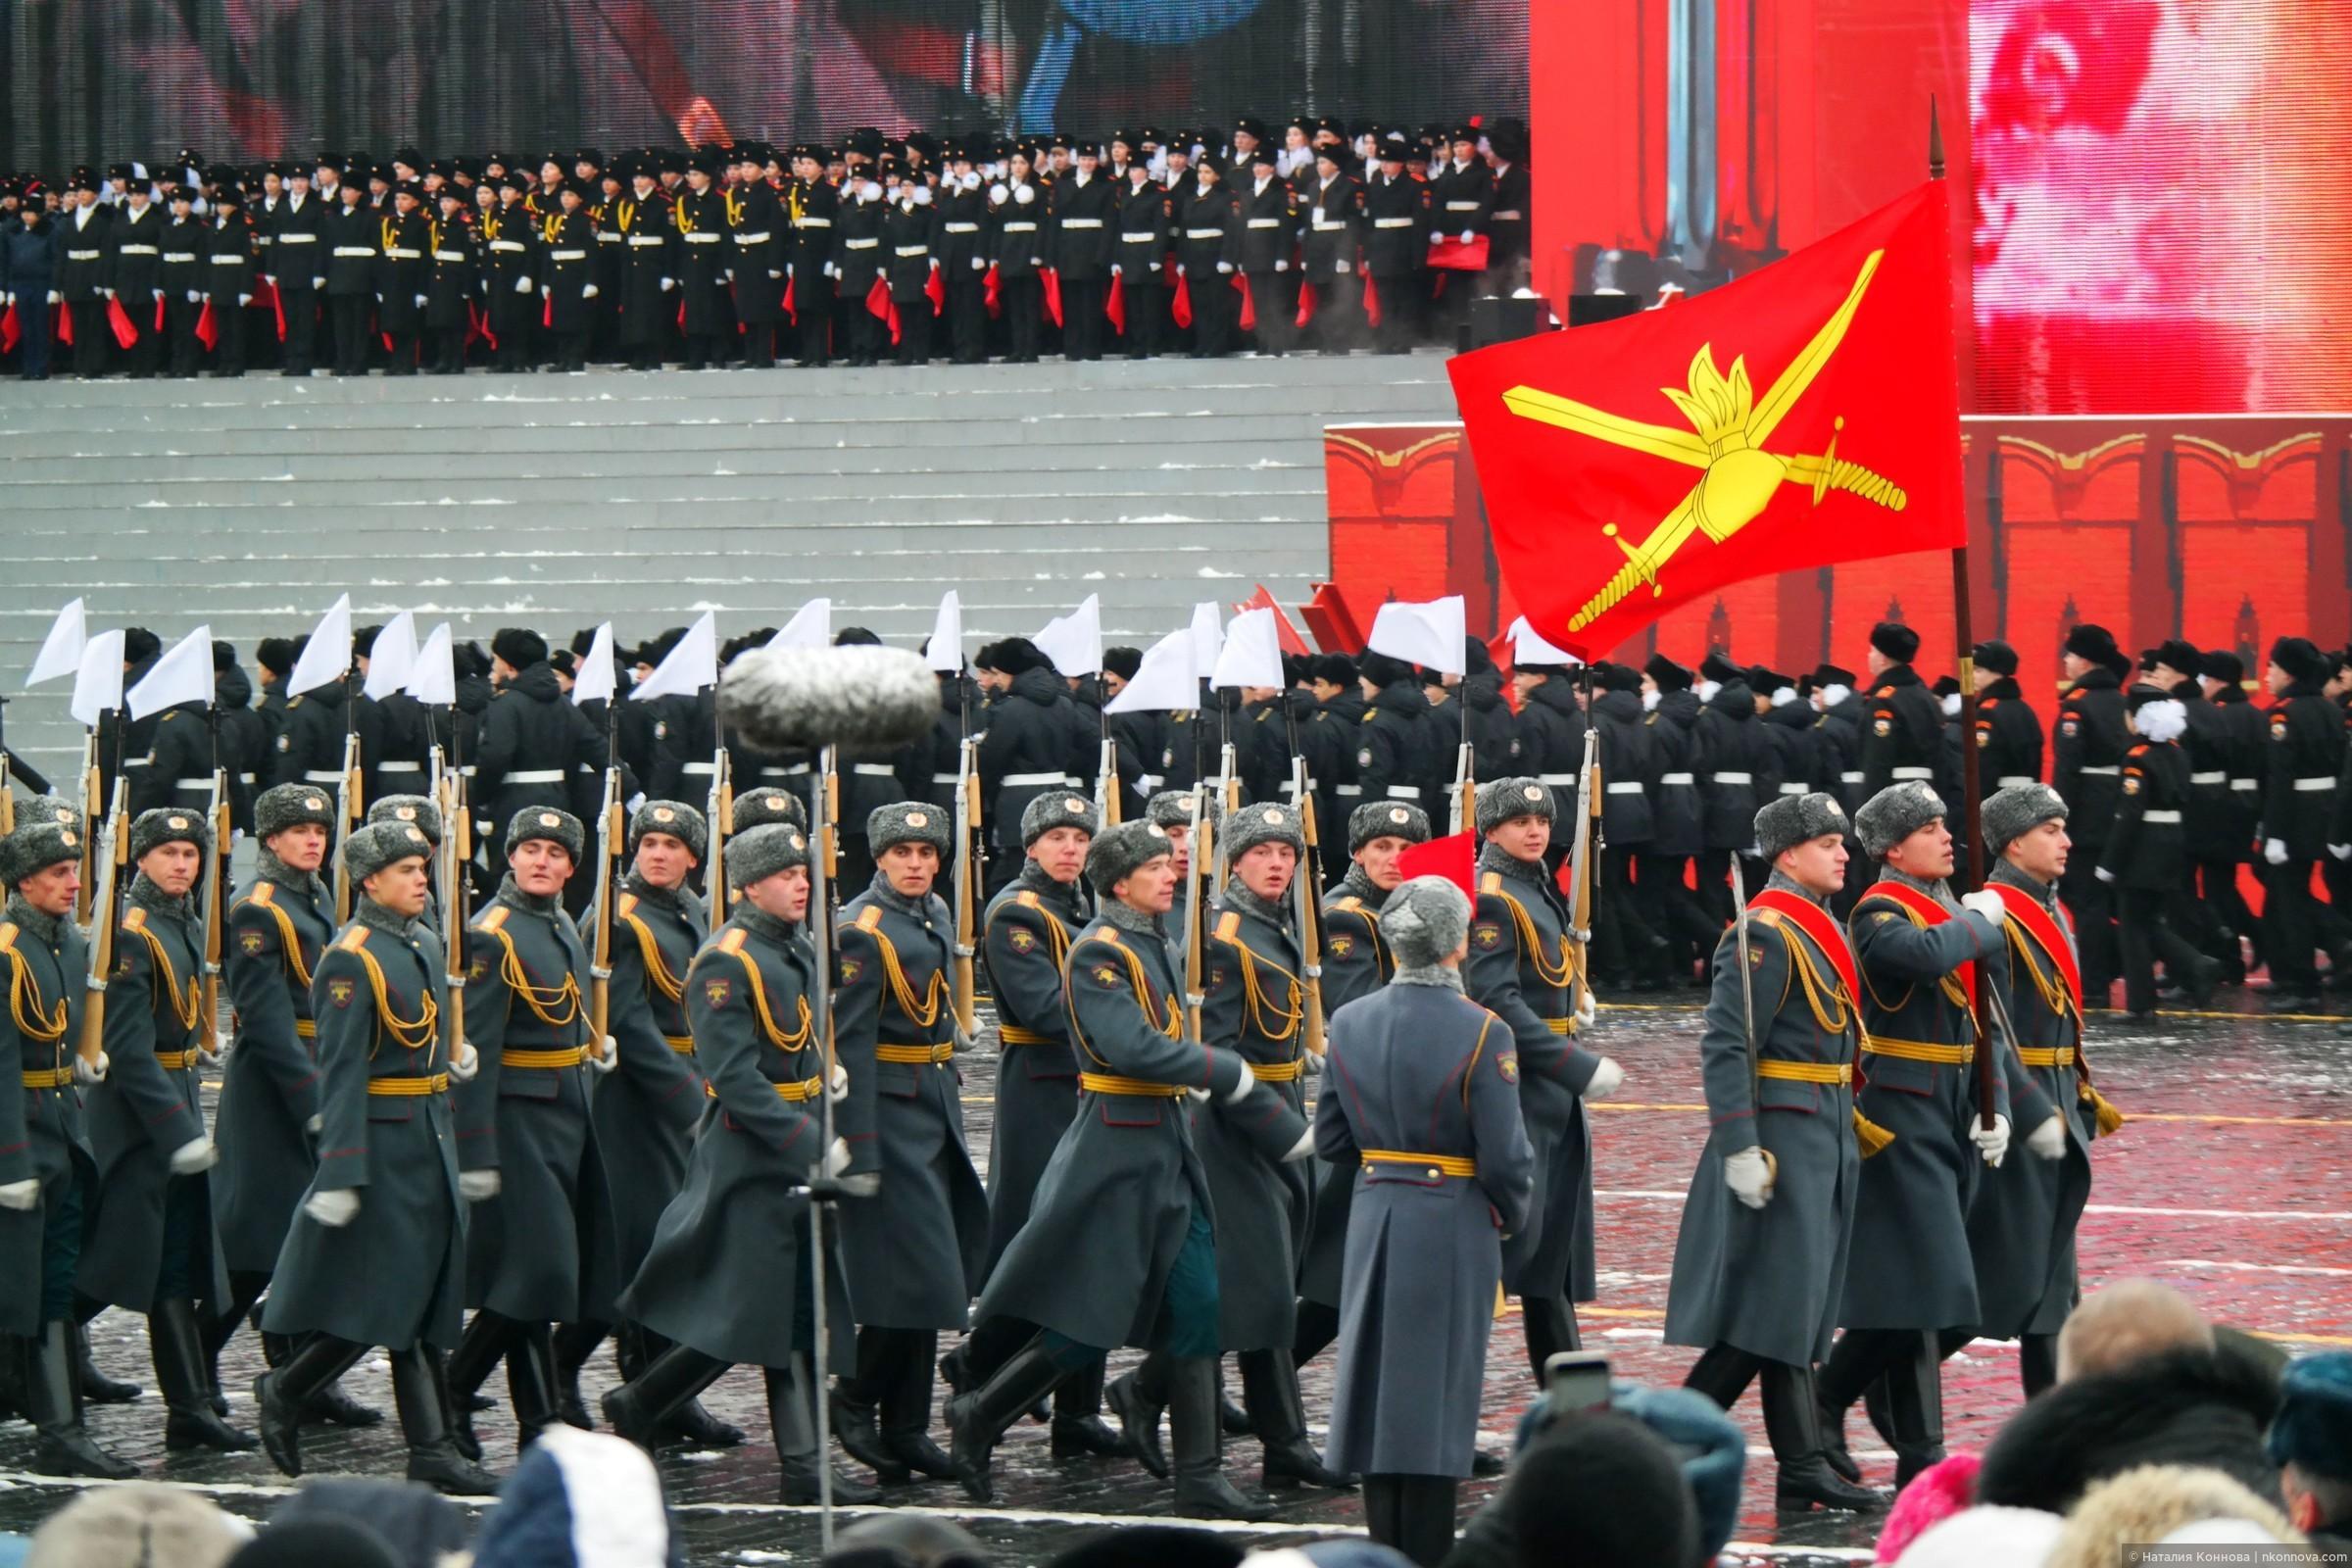 Знаменные группы частей и соединений, прошедших от стен Кремля до Берлина сопровождают почетные караулы трех видов вооруженных сил: сухопутных войск..., Торжественный марш 7 ноября 2016, Красная пл.